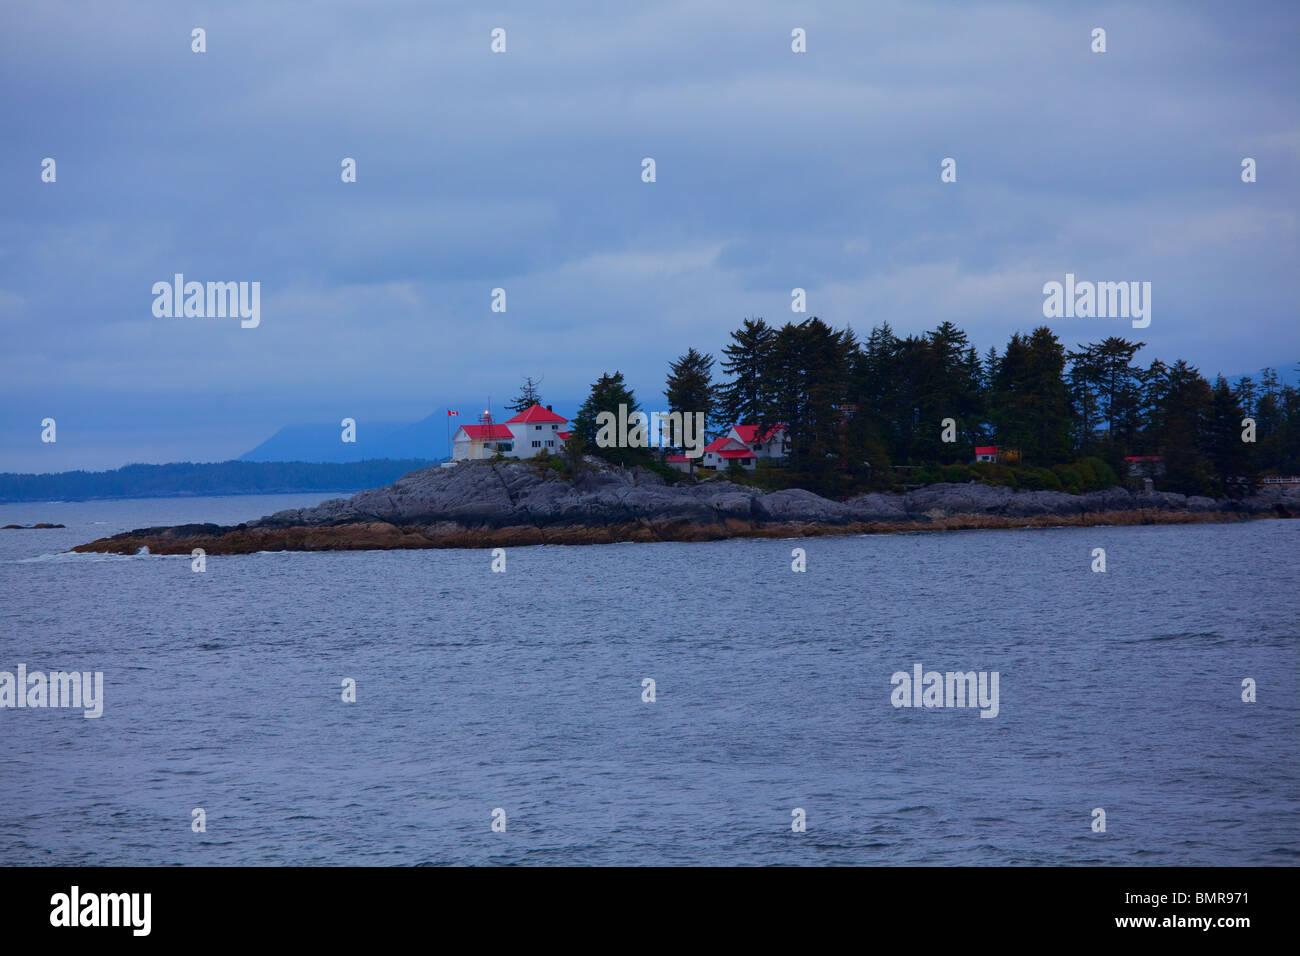 L'avorio Island Lighthouse vicino a Bella Bella, British Columbia, Canada Immagini Stock